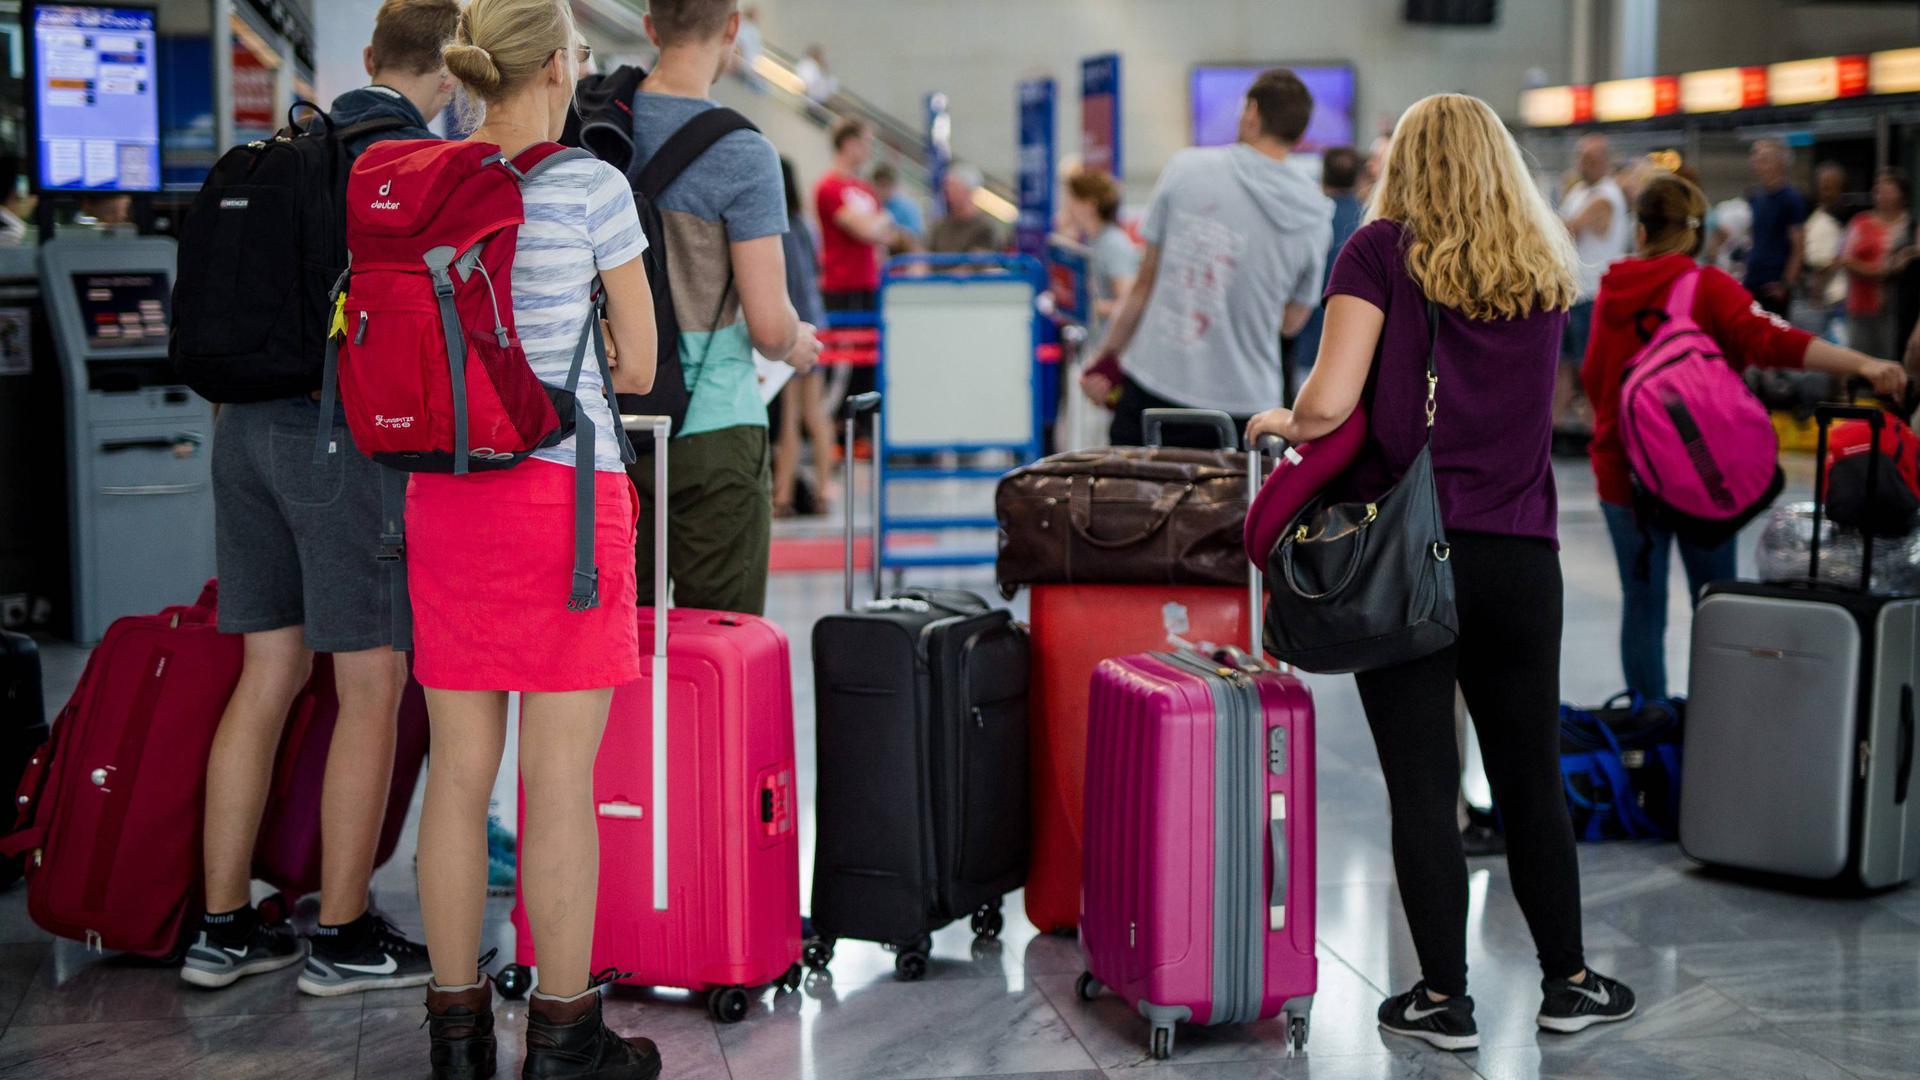 Passagiere warten im Terminal des Stuttgarter Flughafens darauf, ihr Gepäck abgeben zu können.